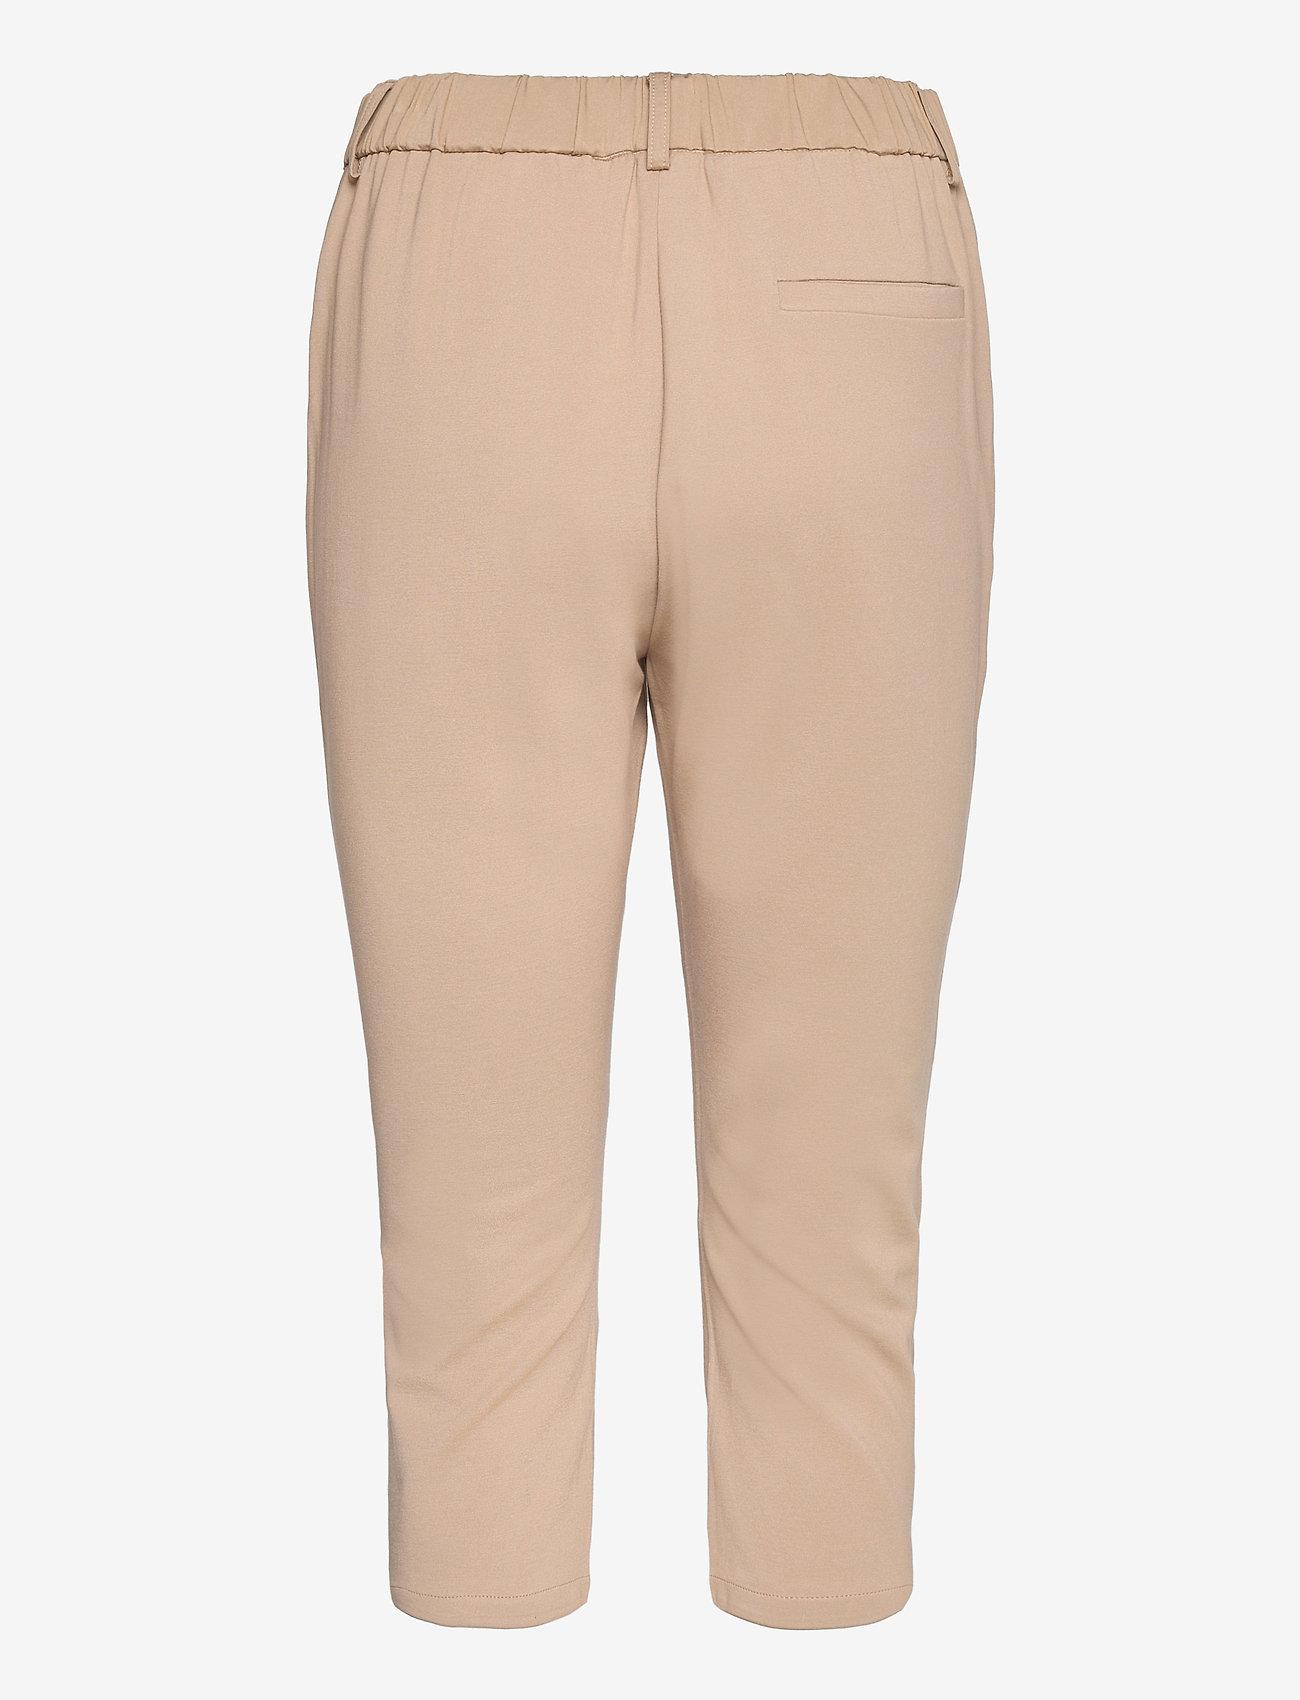 FREE/QUENT - FQHEGEN-CA-POCKET - pantalons capri - beige sand as cut - 1